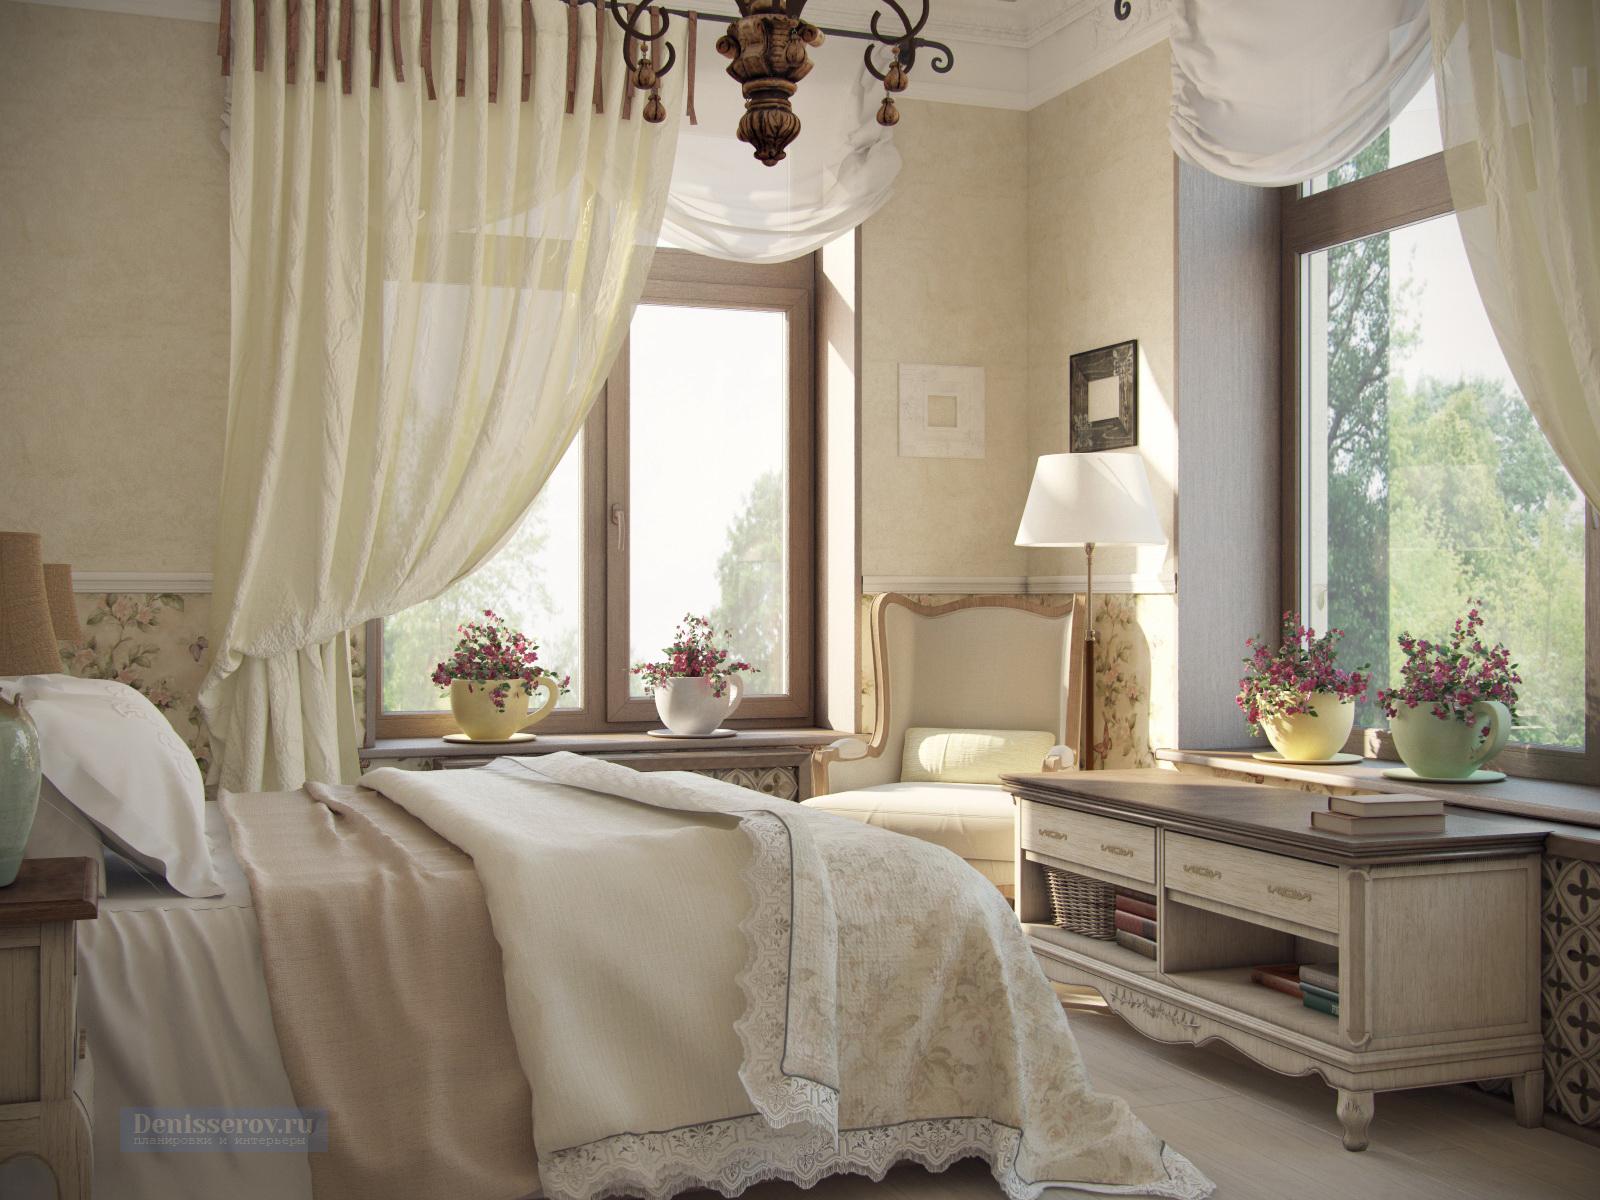 спальня в бежевом цвете в колониальном стиле